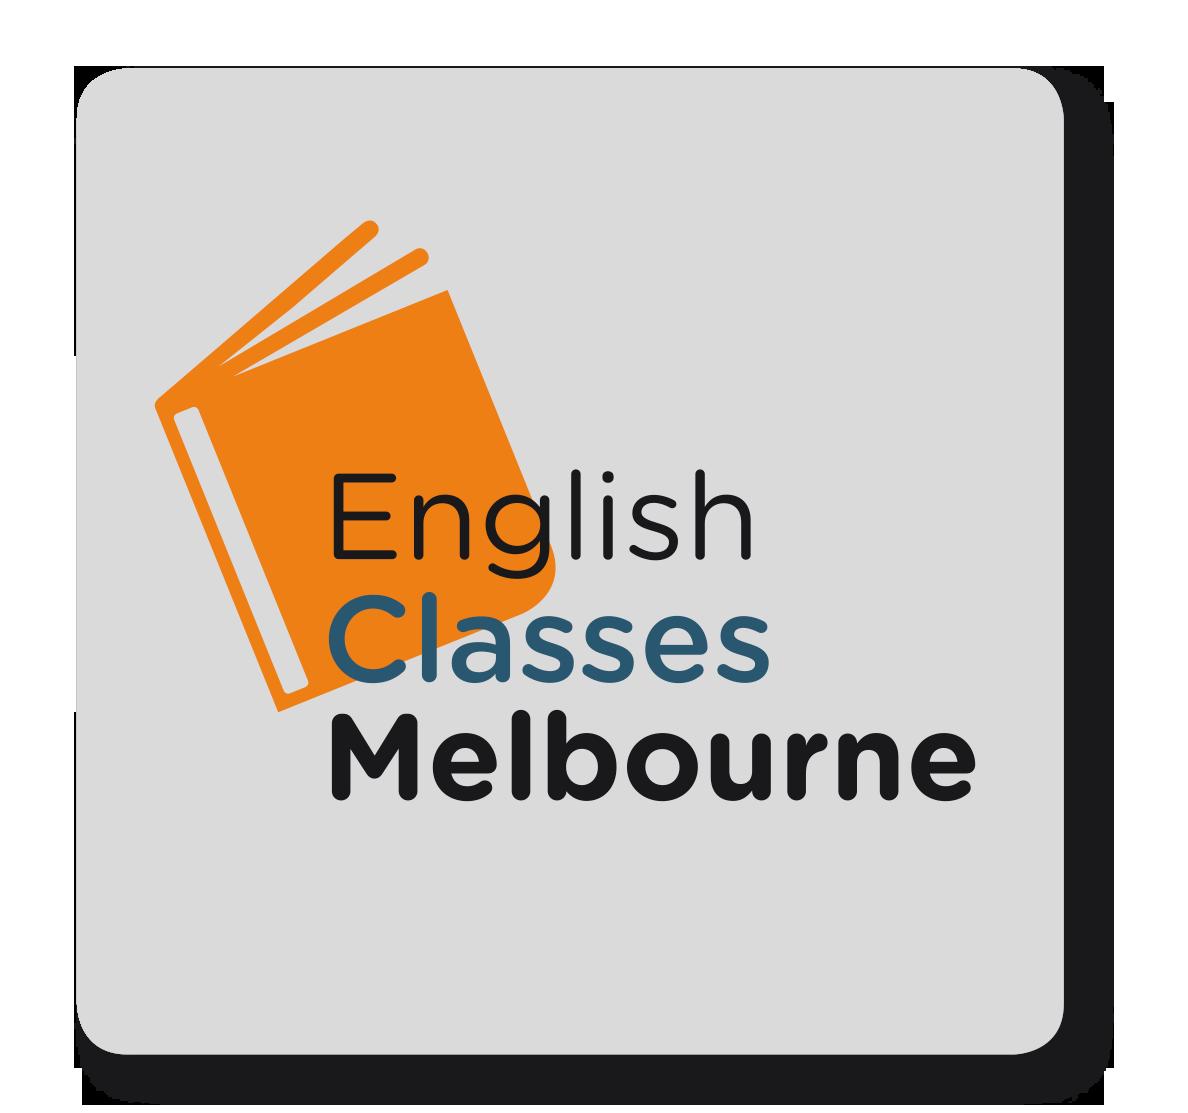 essay writing class melbourne